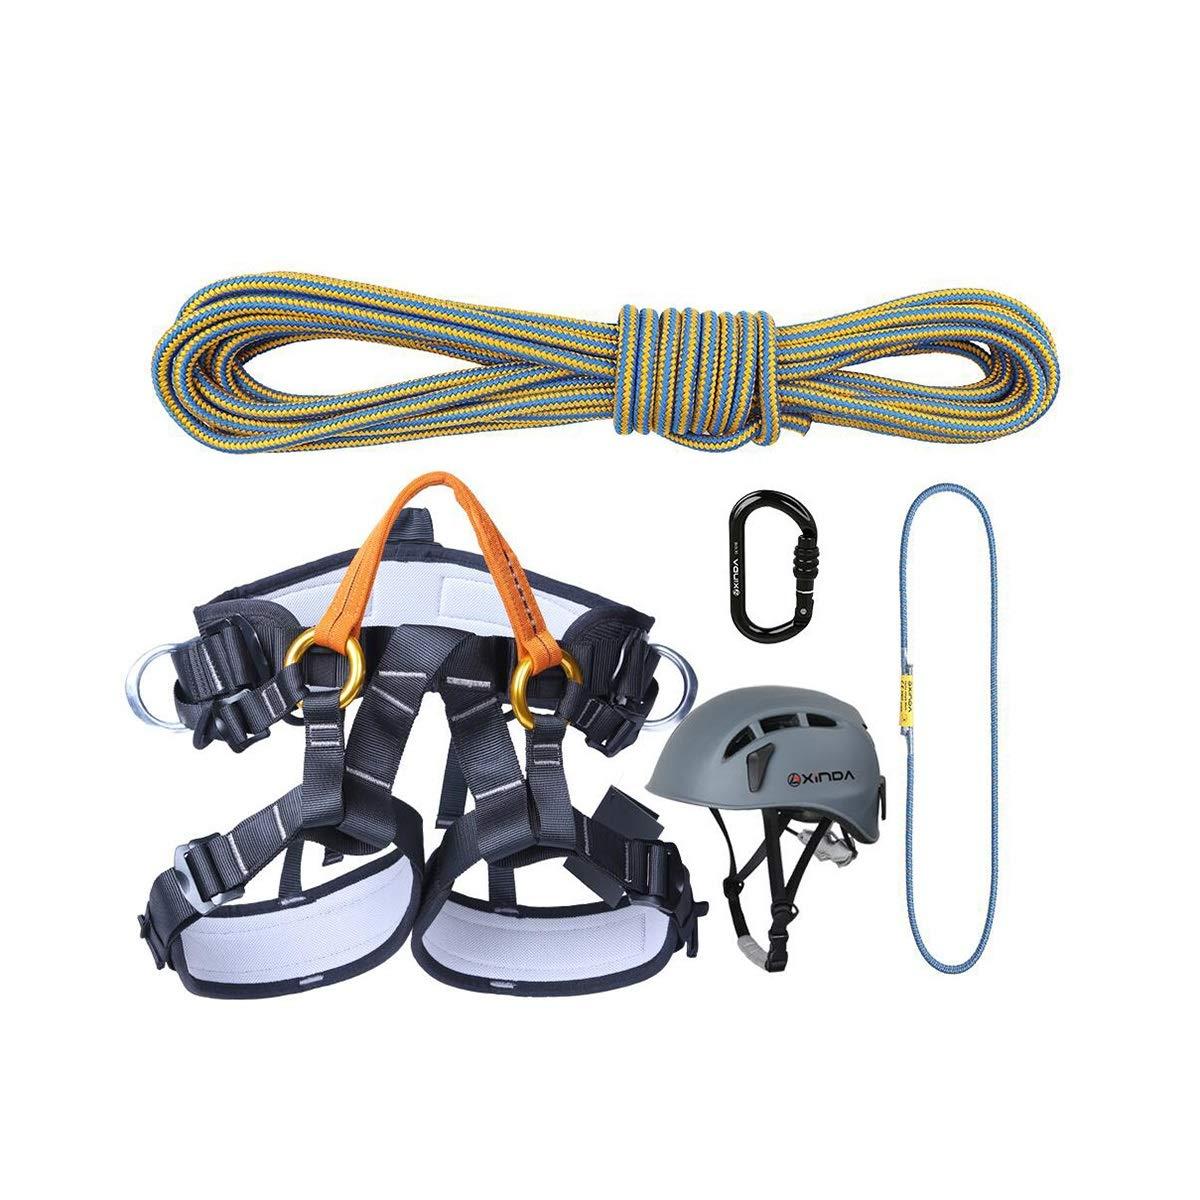 11.5MMクライミングロープ+ハーフボディハーネス+ Oタイプネジロックメインロック+クライミング&キャッチノット+ヘルメット (色 : A, サイズ : 50m) 50m A B07KS4XBMG